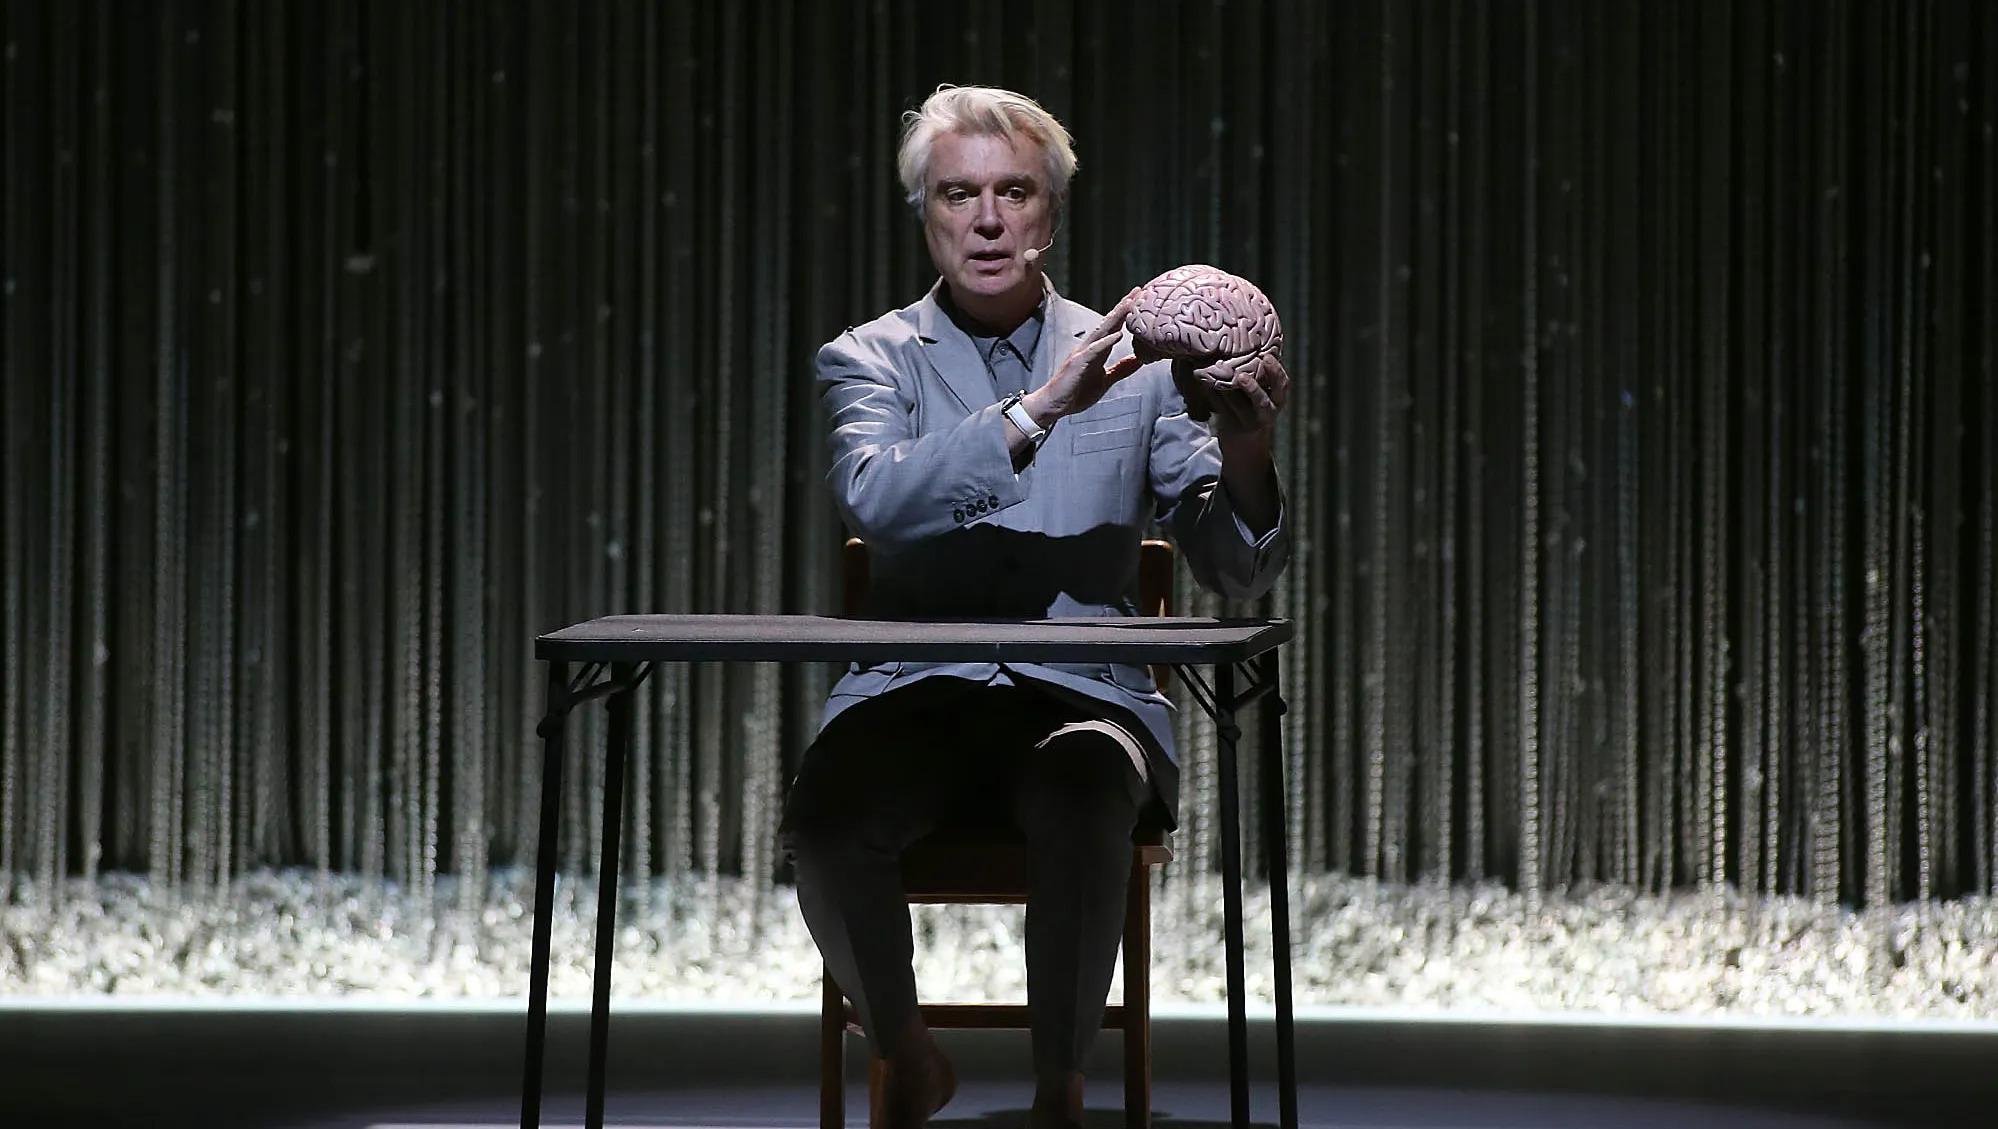 Cena do especial David Byrne's American Utopia. A imagem mostra David Byrne, um homem branco de meia-idade, sentado à uma carteira escolar e segurando um modelo de um cérebro de plástico. Ele o estende à sua frente segurando-o com sua mão esquerda, enquanto aponta para ele com a mão esquerda apoiada. Ao fundo desfocada, há uma cortina feita de correntes finas prateadas.